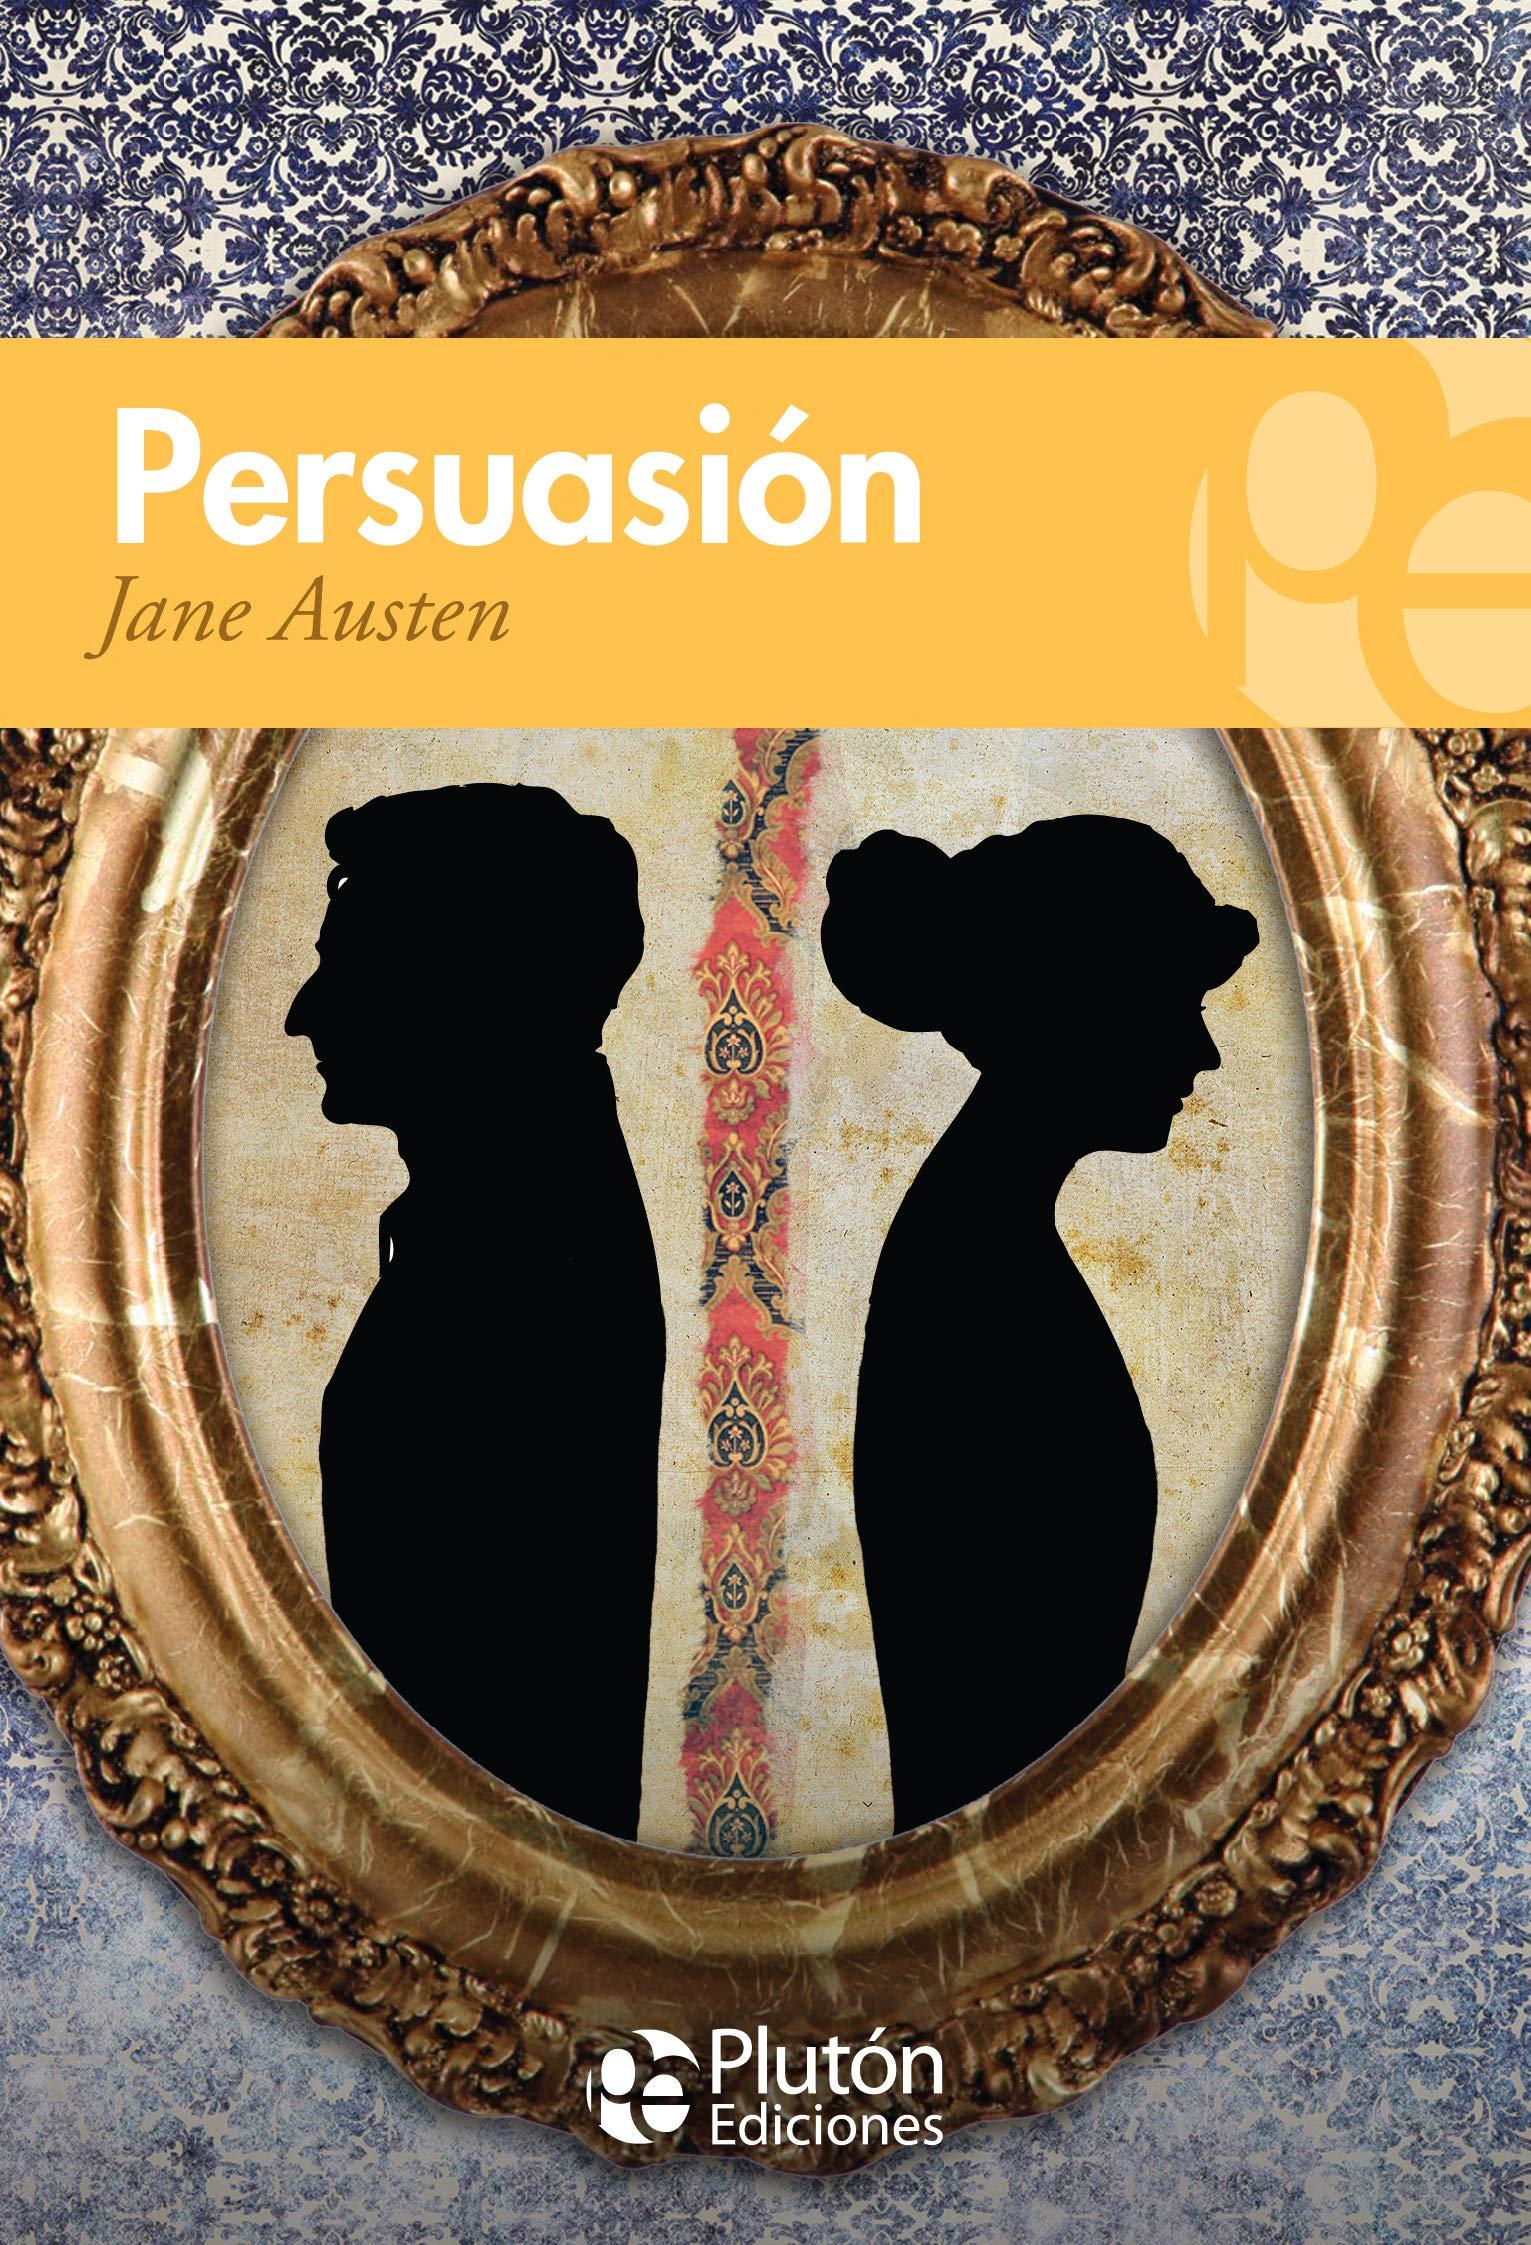 Persuasio; jane austen